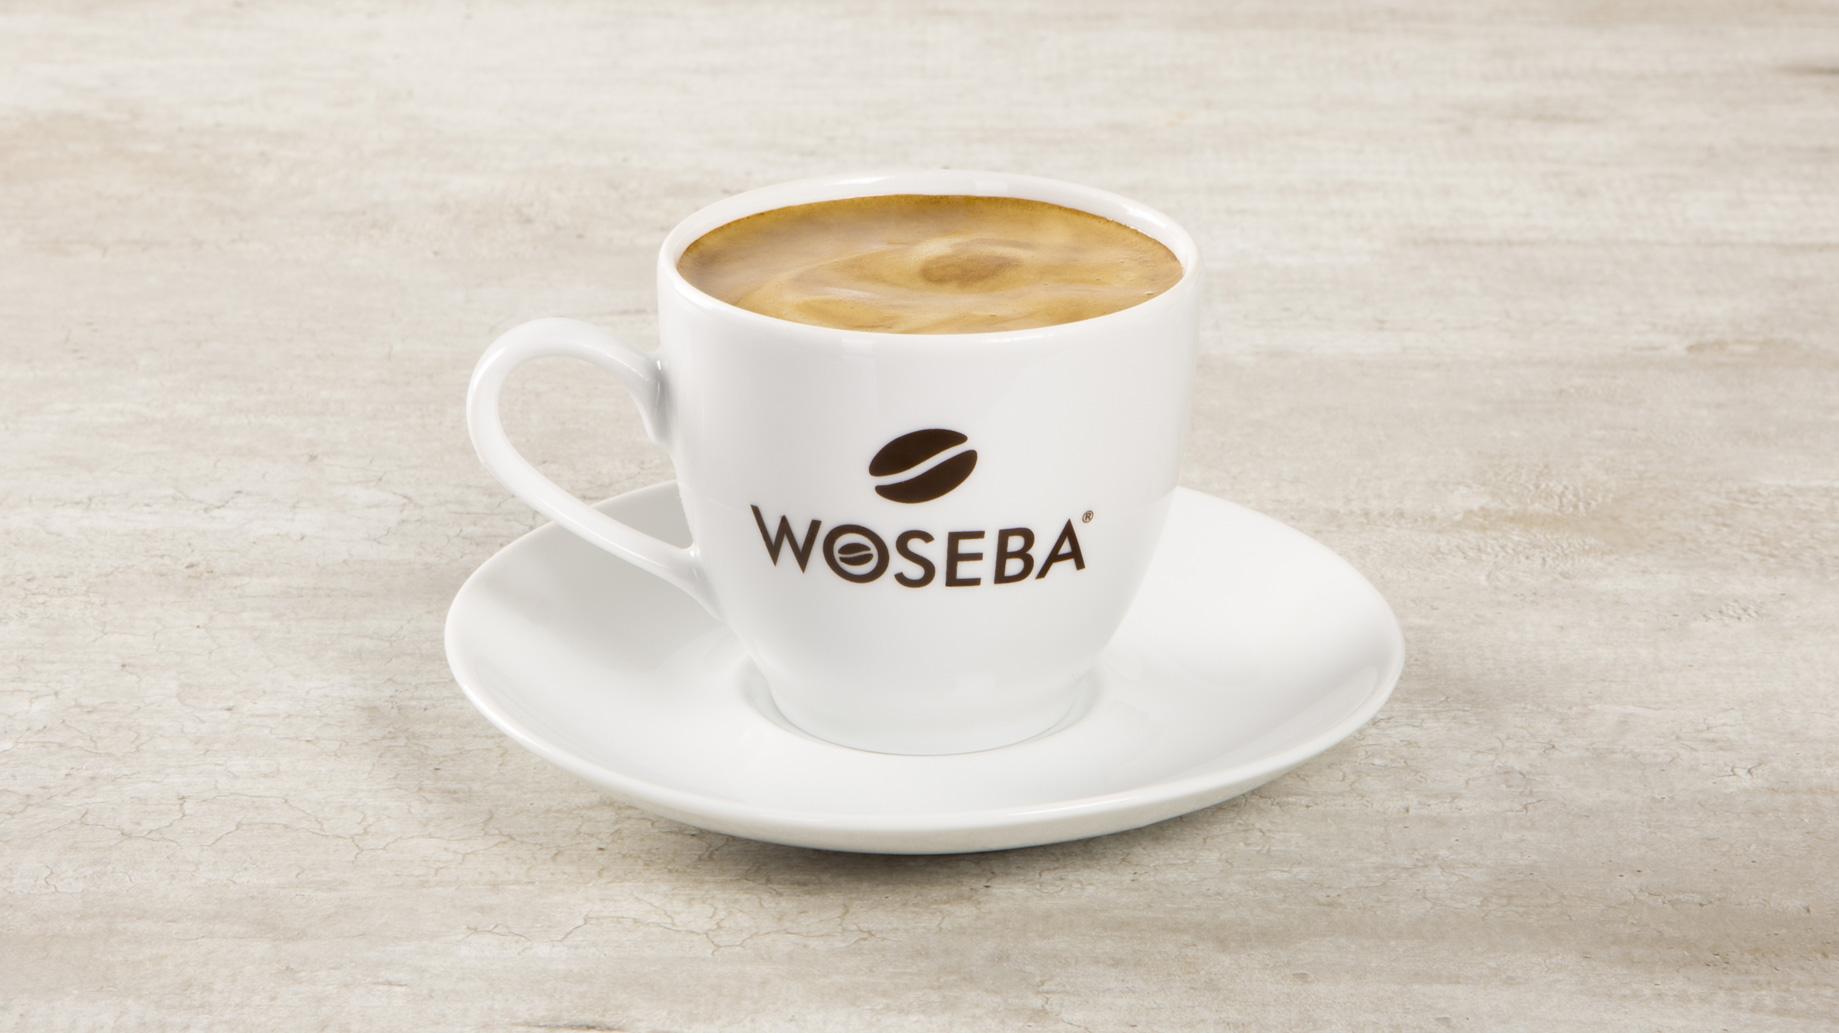 Ile kawy można wypić dziennie?